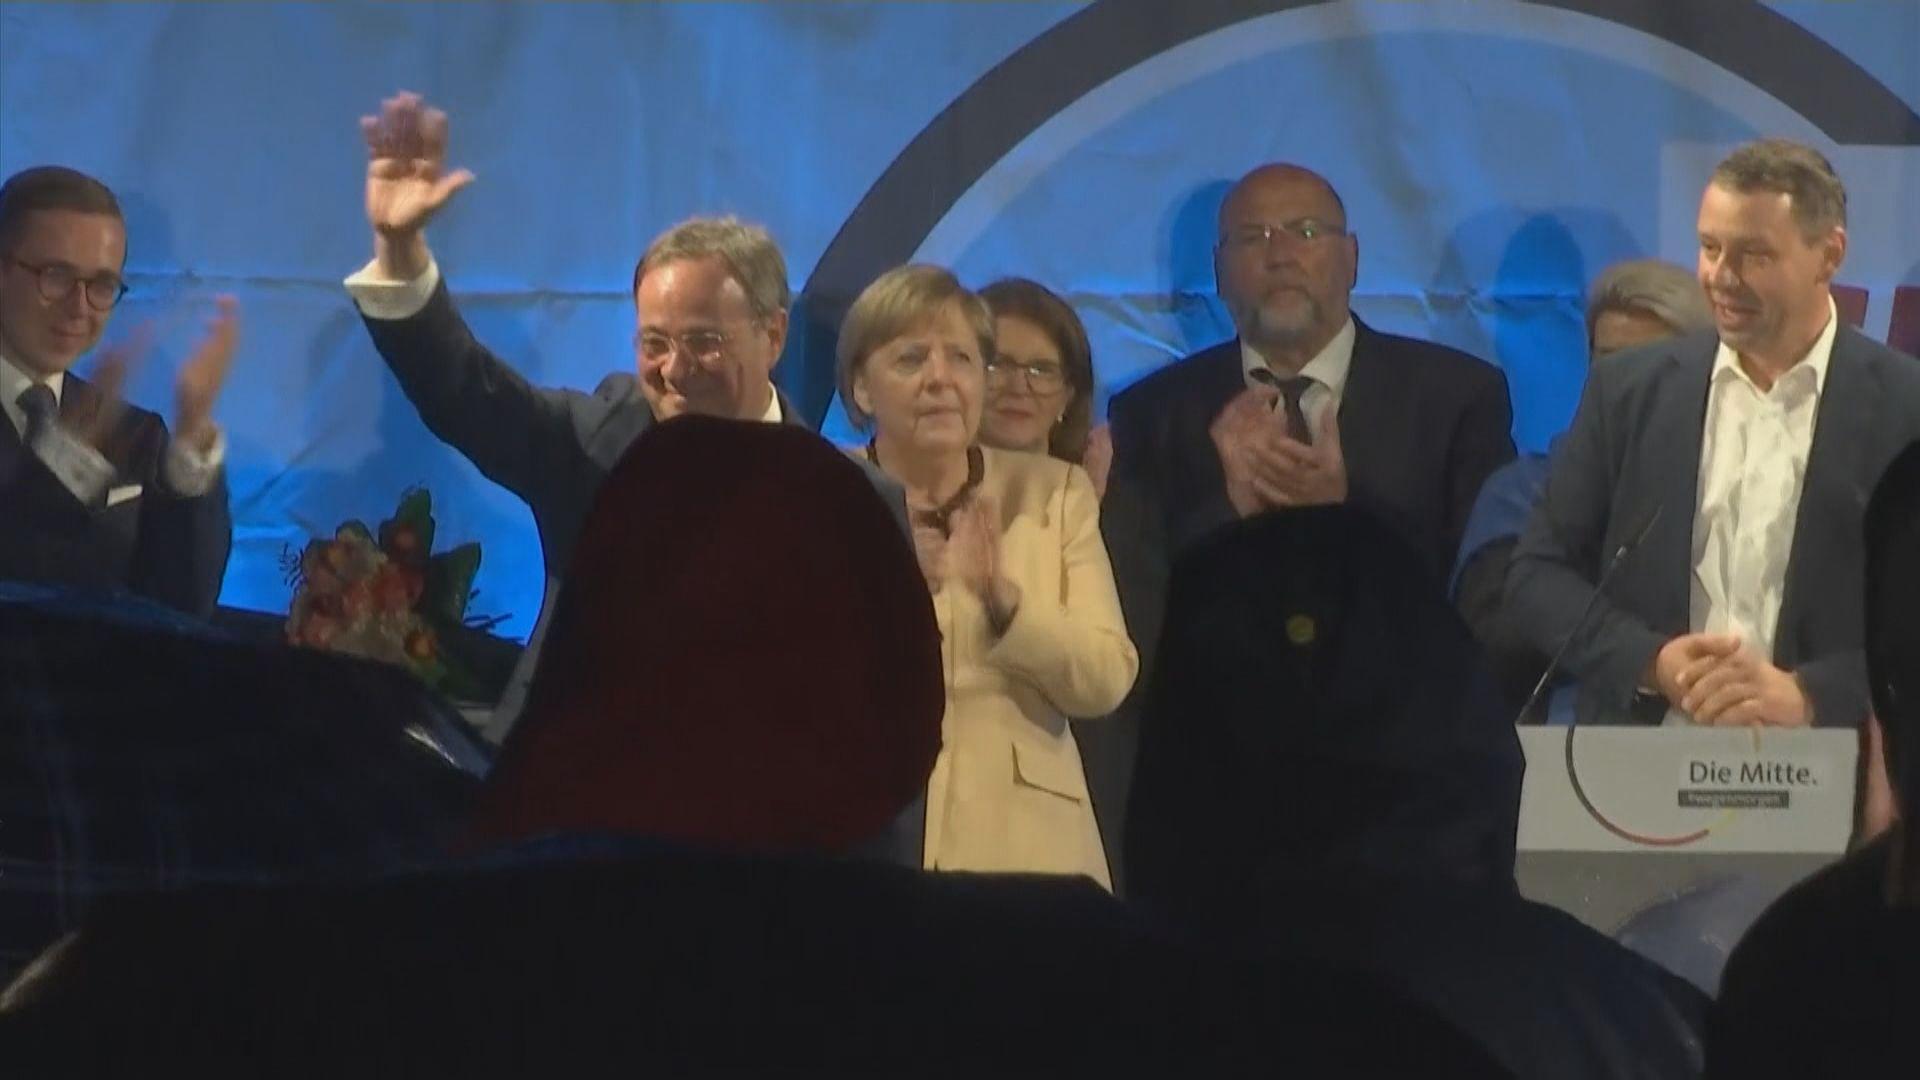 德國周日大選 民調顯示基民盟縮窄與社民黨支持差距